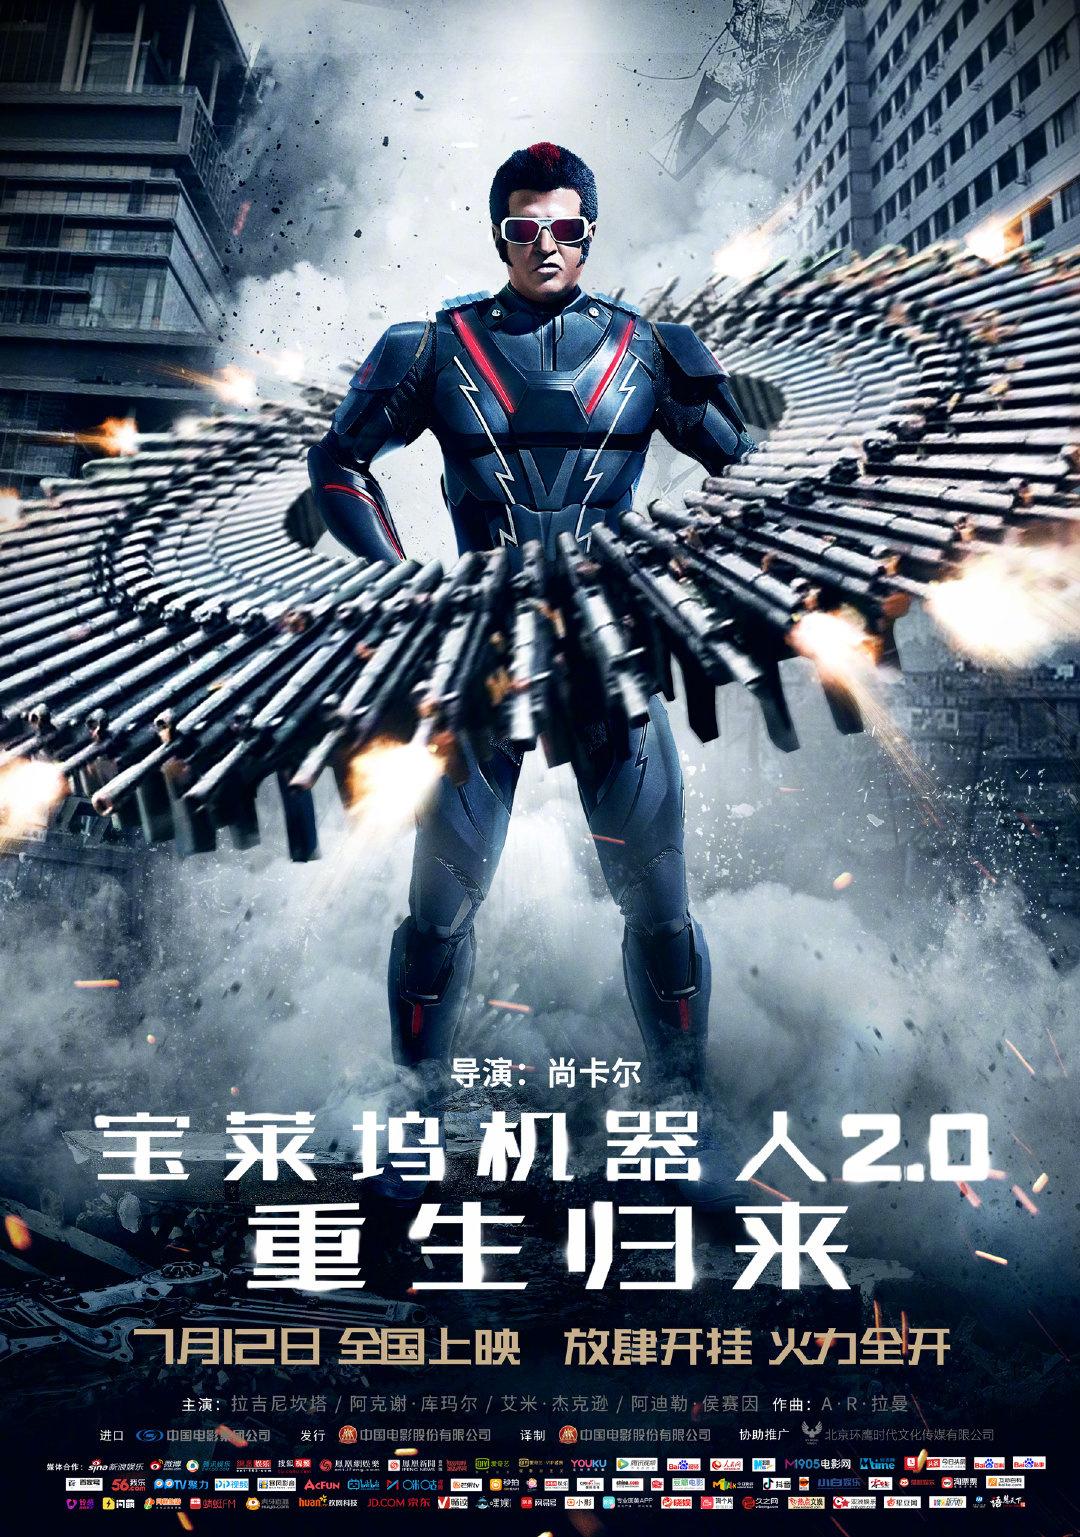 印度科幻电影《宝莱坞机器人2.0》内地定档0712【